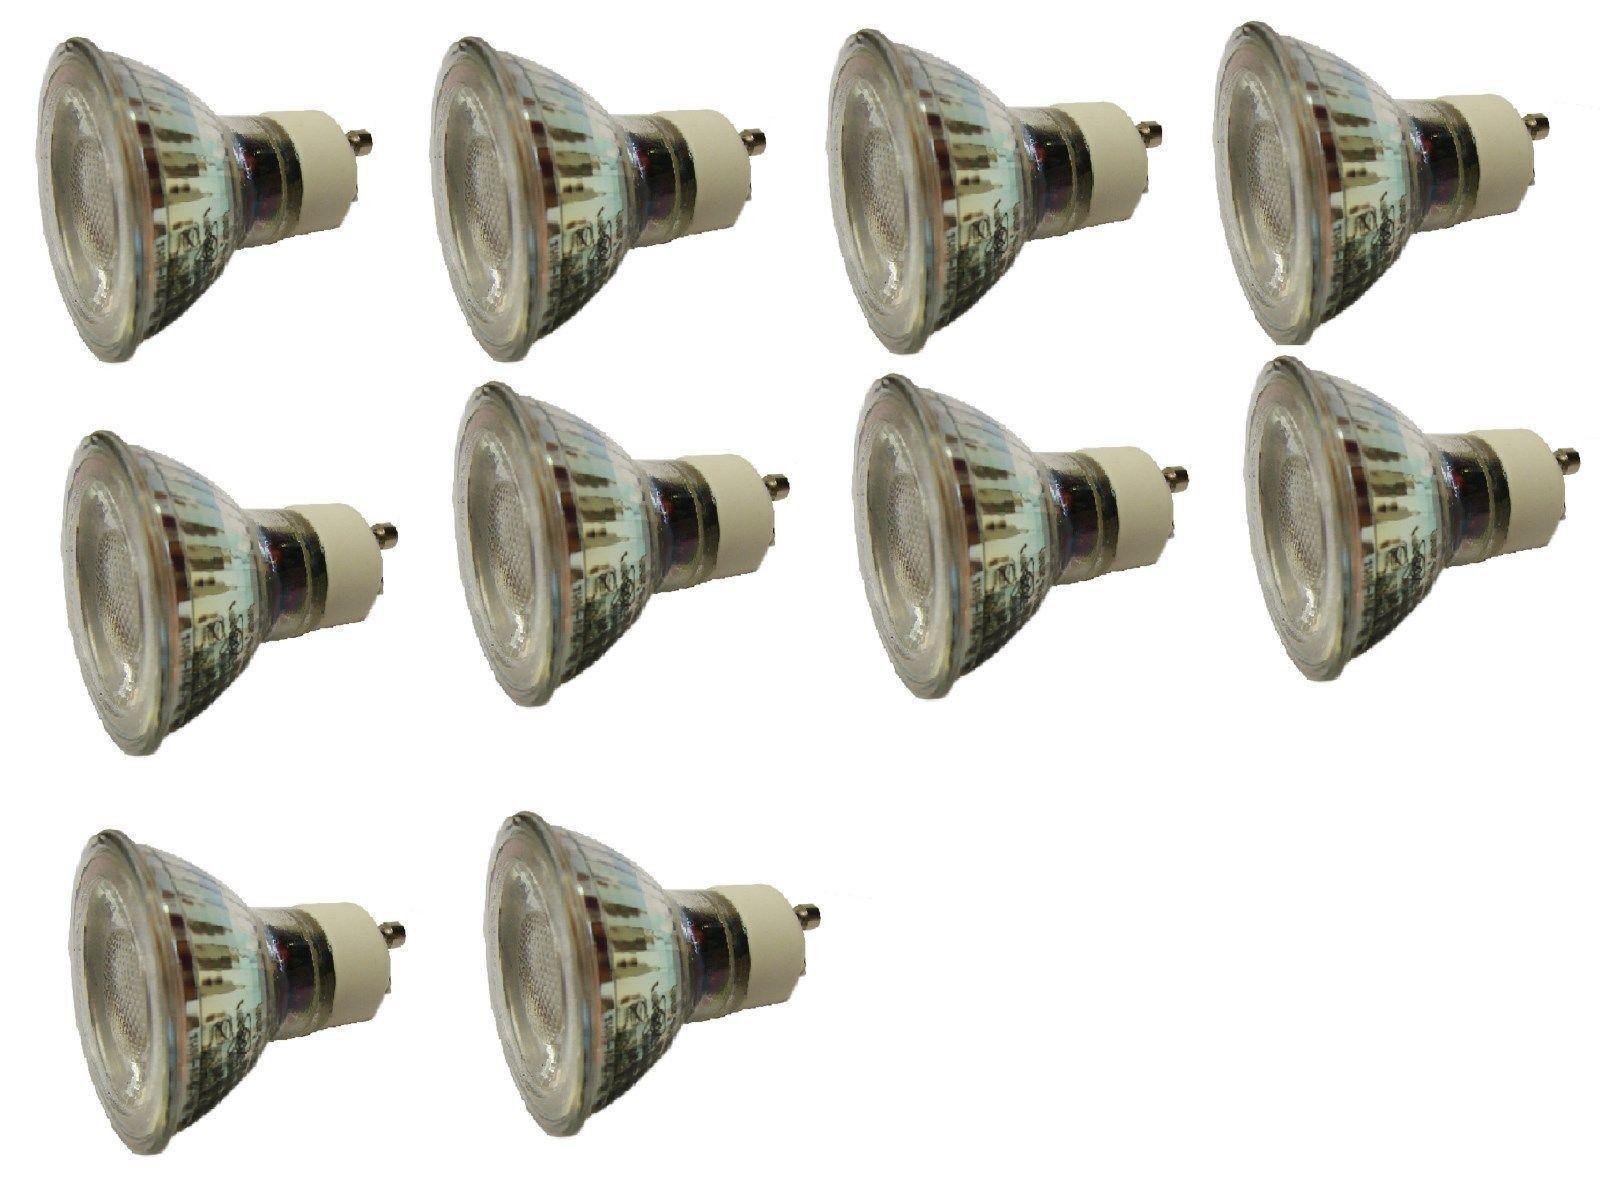 10 x Briloner Birne Led Leuchtmittel Lampe Leuchten Warmweiss A+ GU10 6 Watt